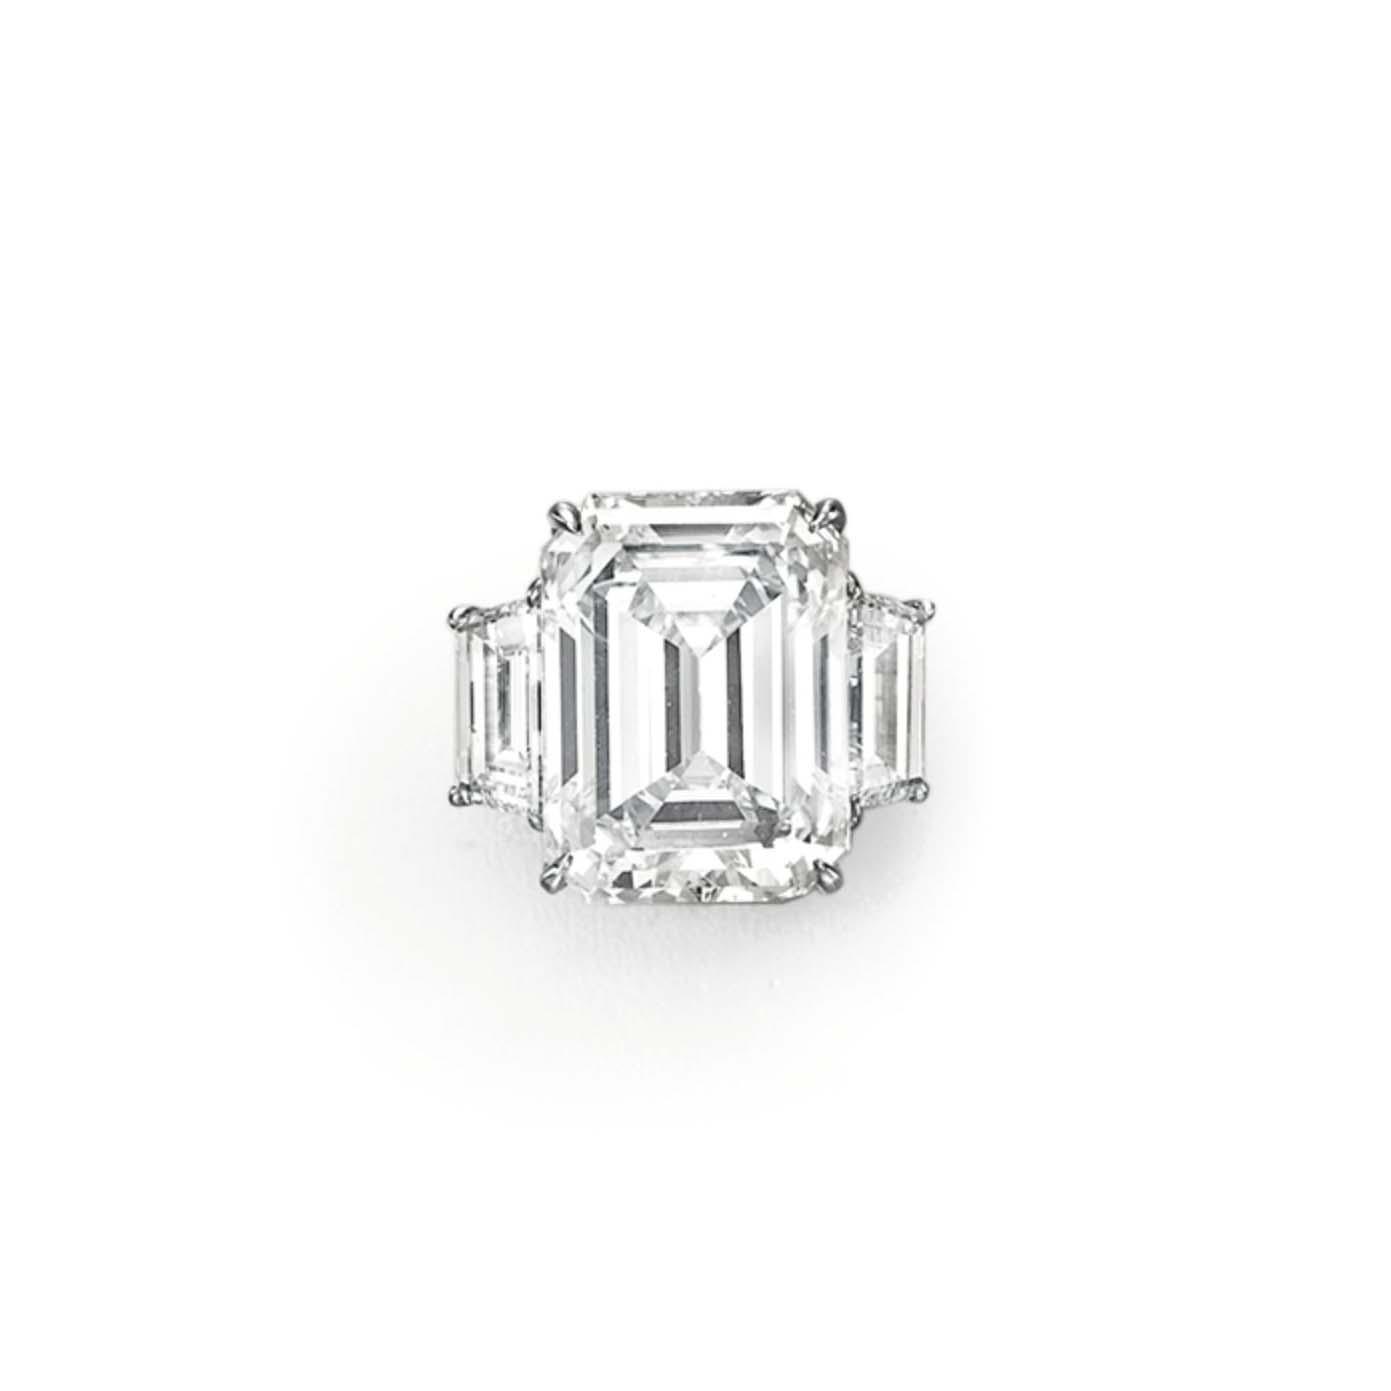 AN IMPRESSIVE DIAMOND RING, BY LORRAINE SCHWARTZ